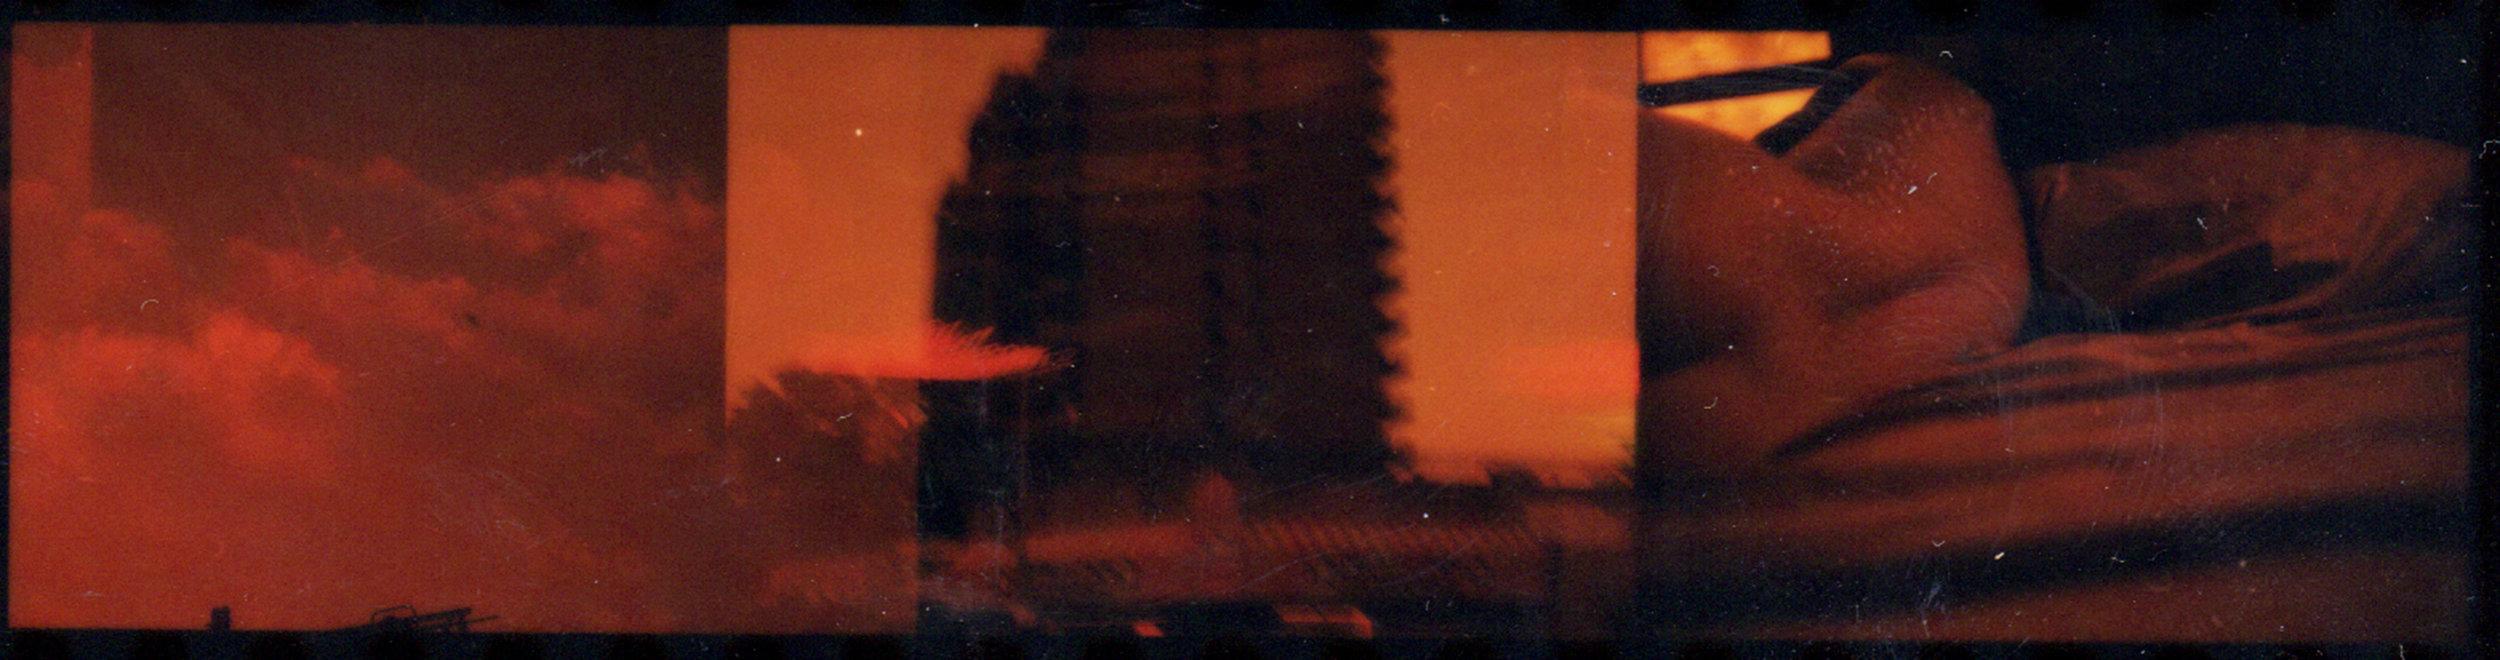 Piccola Suite in rosso maggiore - 2015